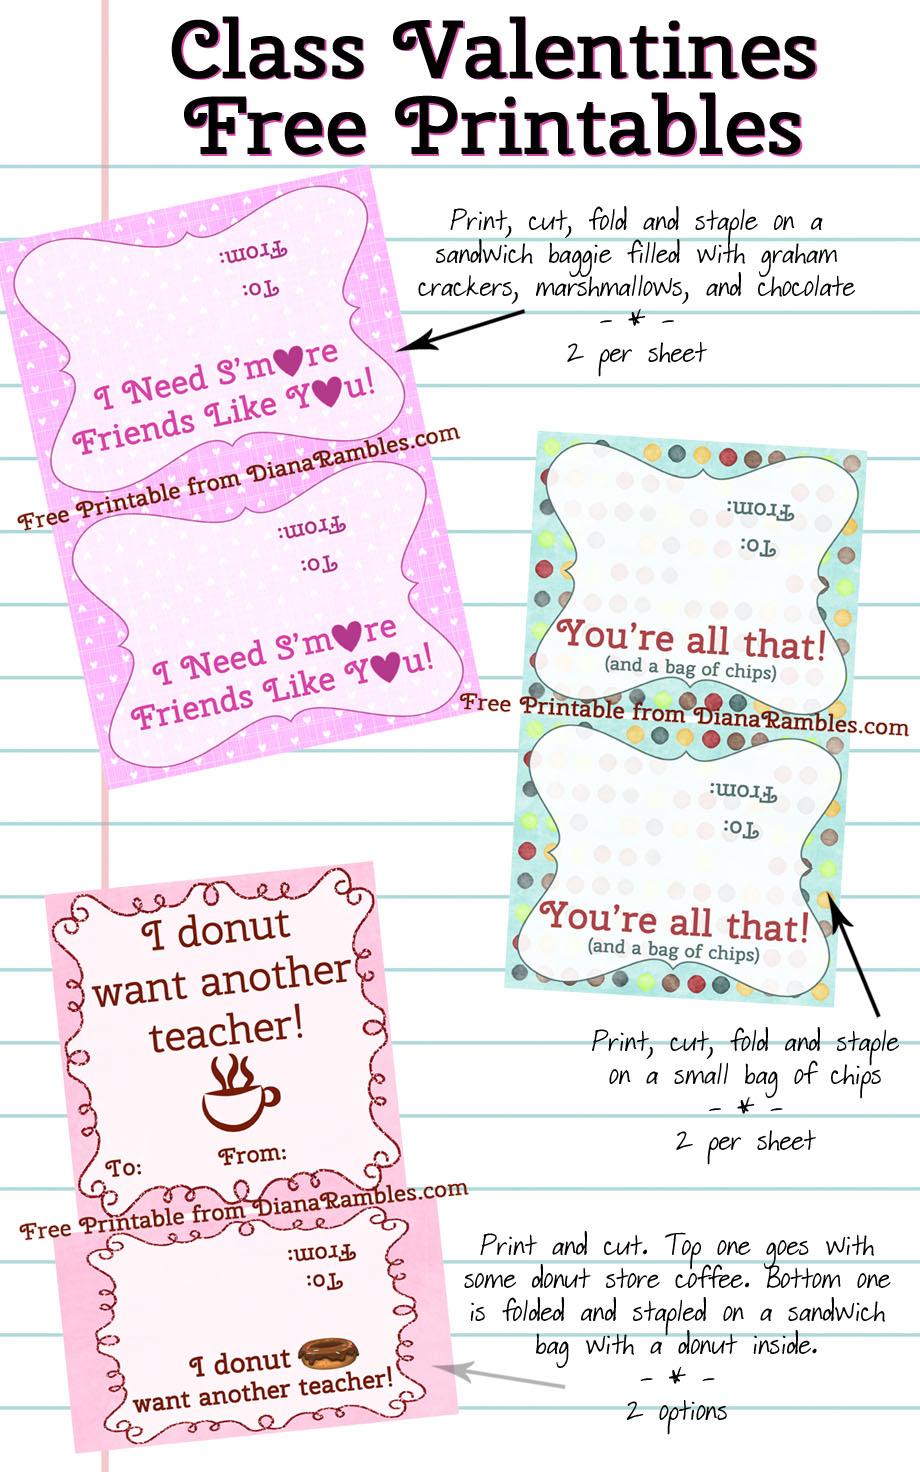 http://3.bp.blogspot.com/-ovmF1HdkUzk/VNwJ9U453PI/AAAAAAAAWSA/2yuFnqVu1Hc/s1600/class-valentines-free-printable-dianarambles.jpg